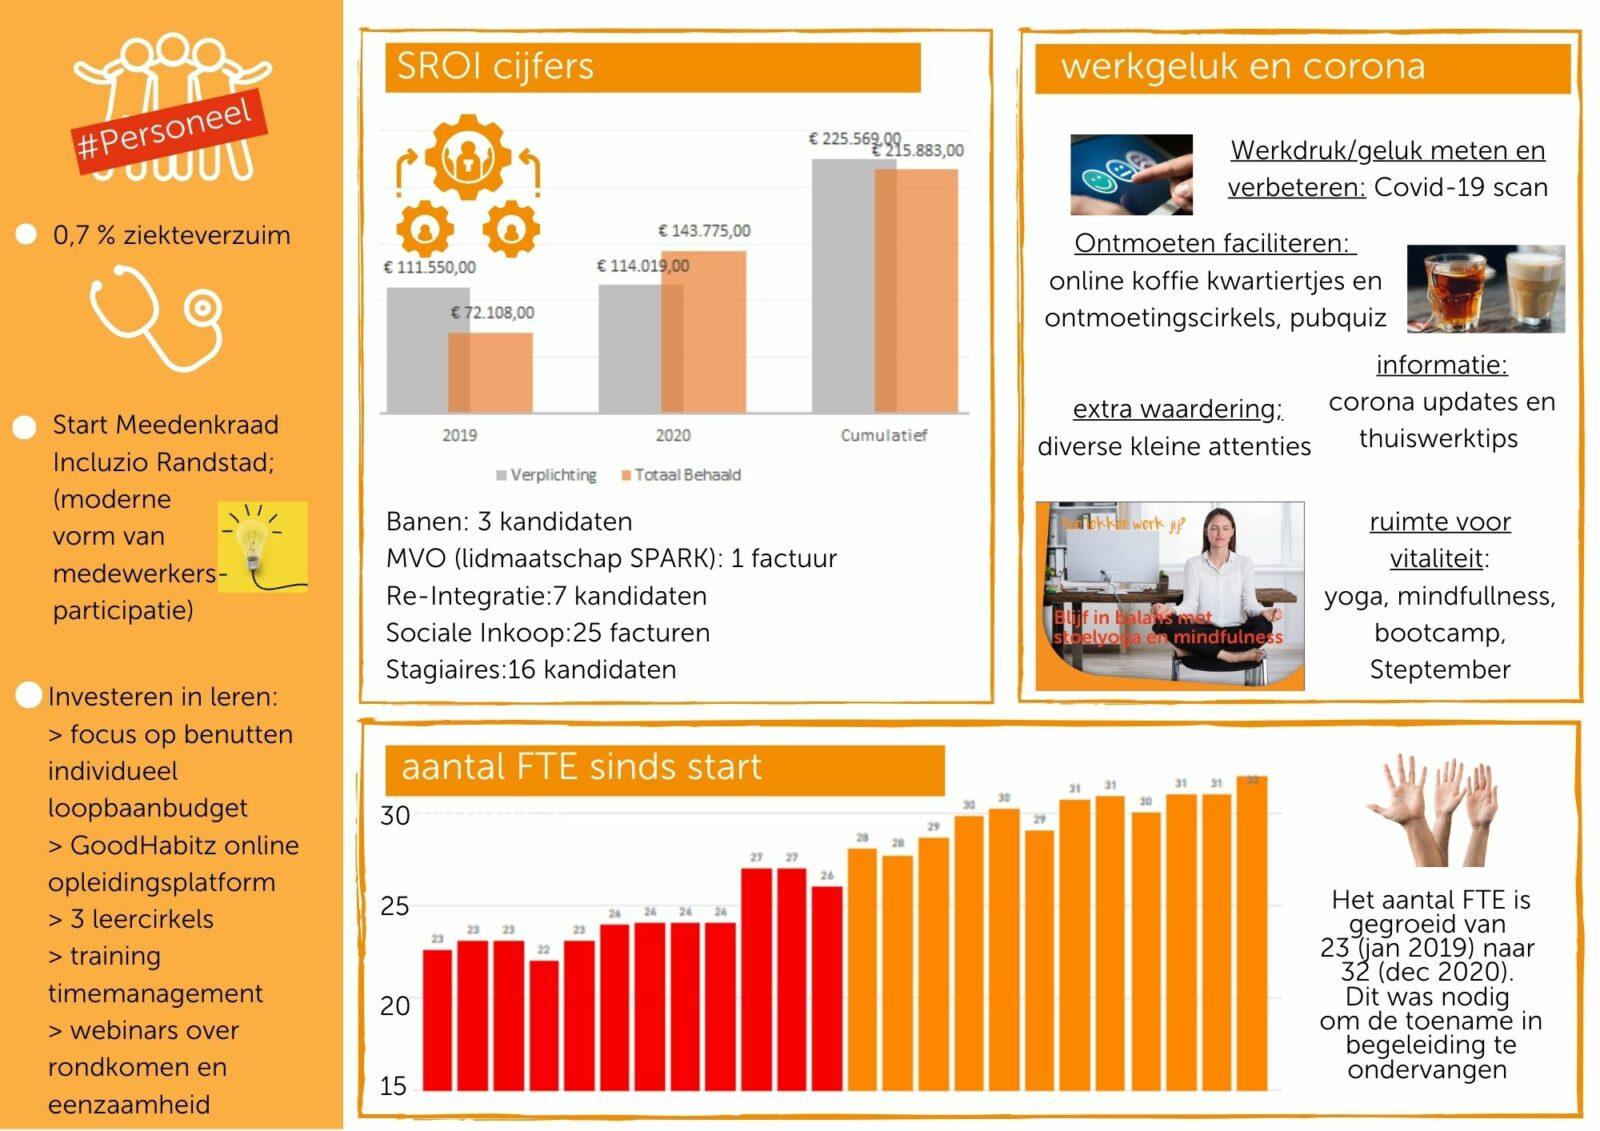 infographic over personeel